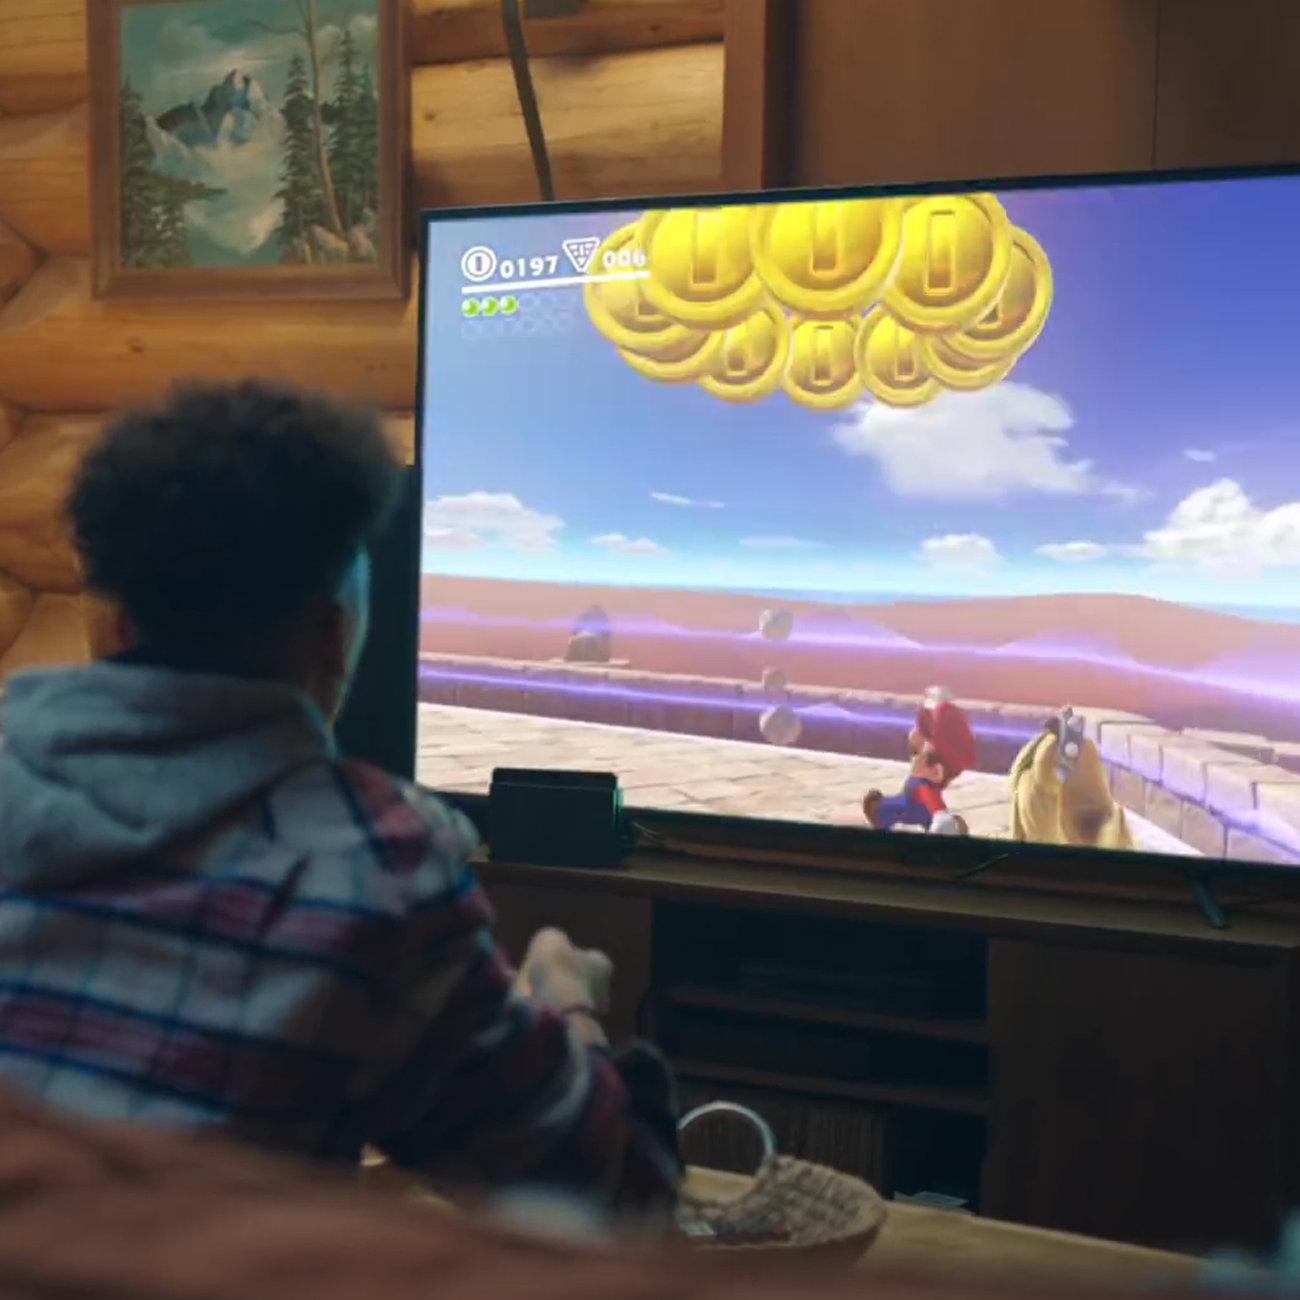 ニンテンドースイッチ、テレビモードで遊ぶ人が多数派